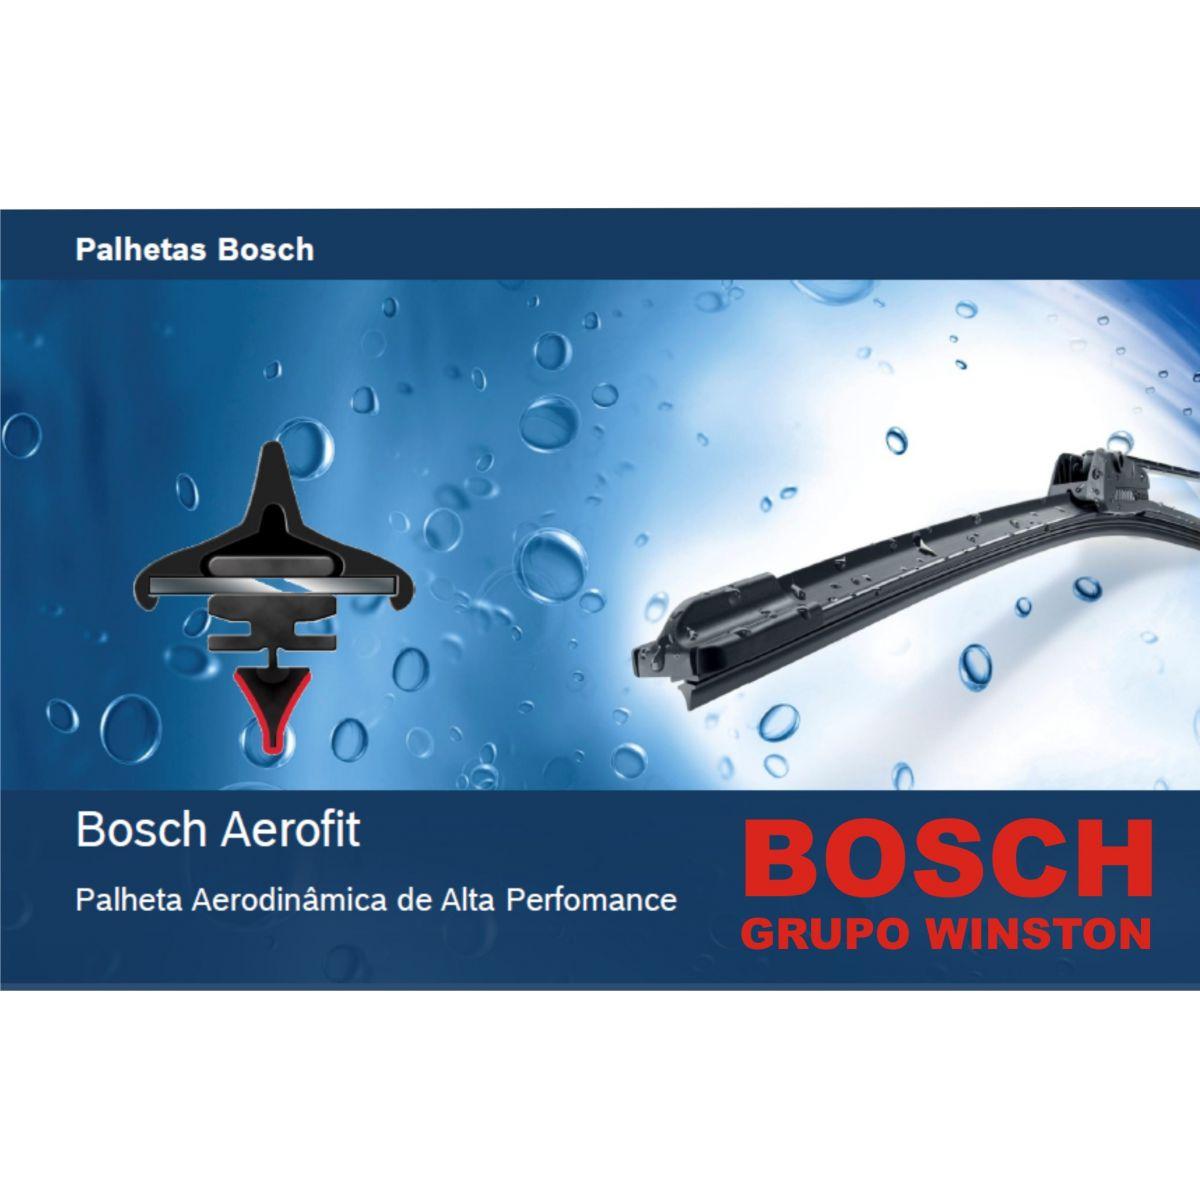 Palheta Bosch Aerofit Limpador de para brisa Bosch BMW Série 3 / M3